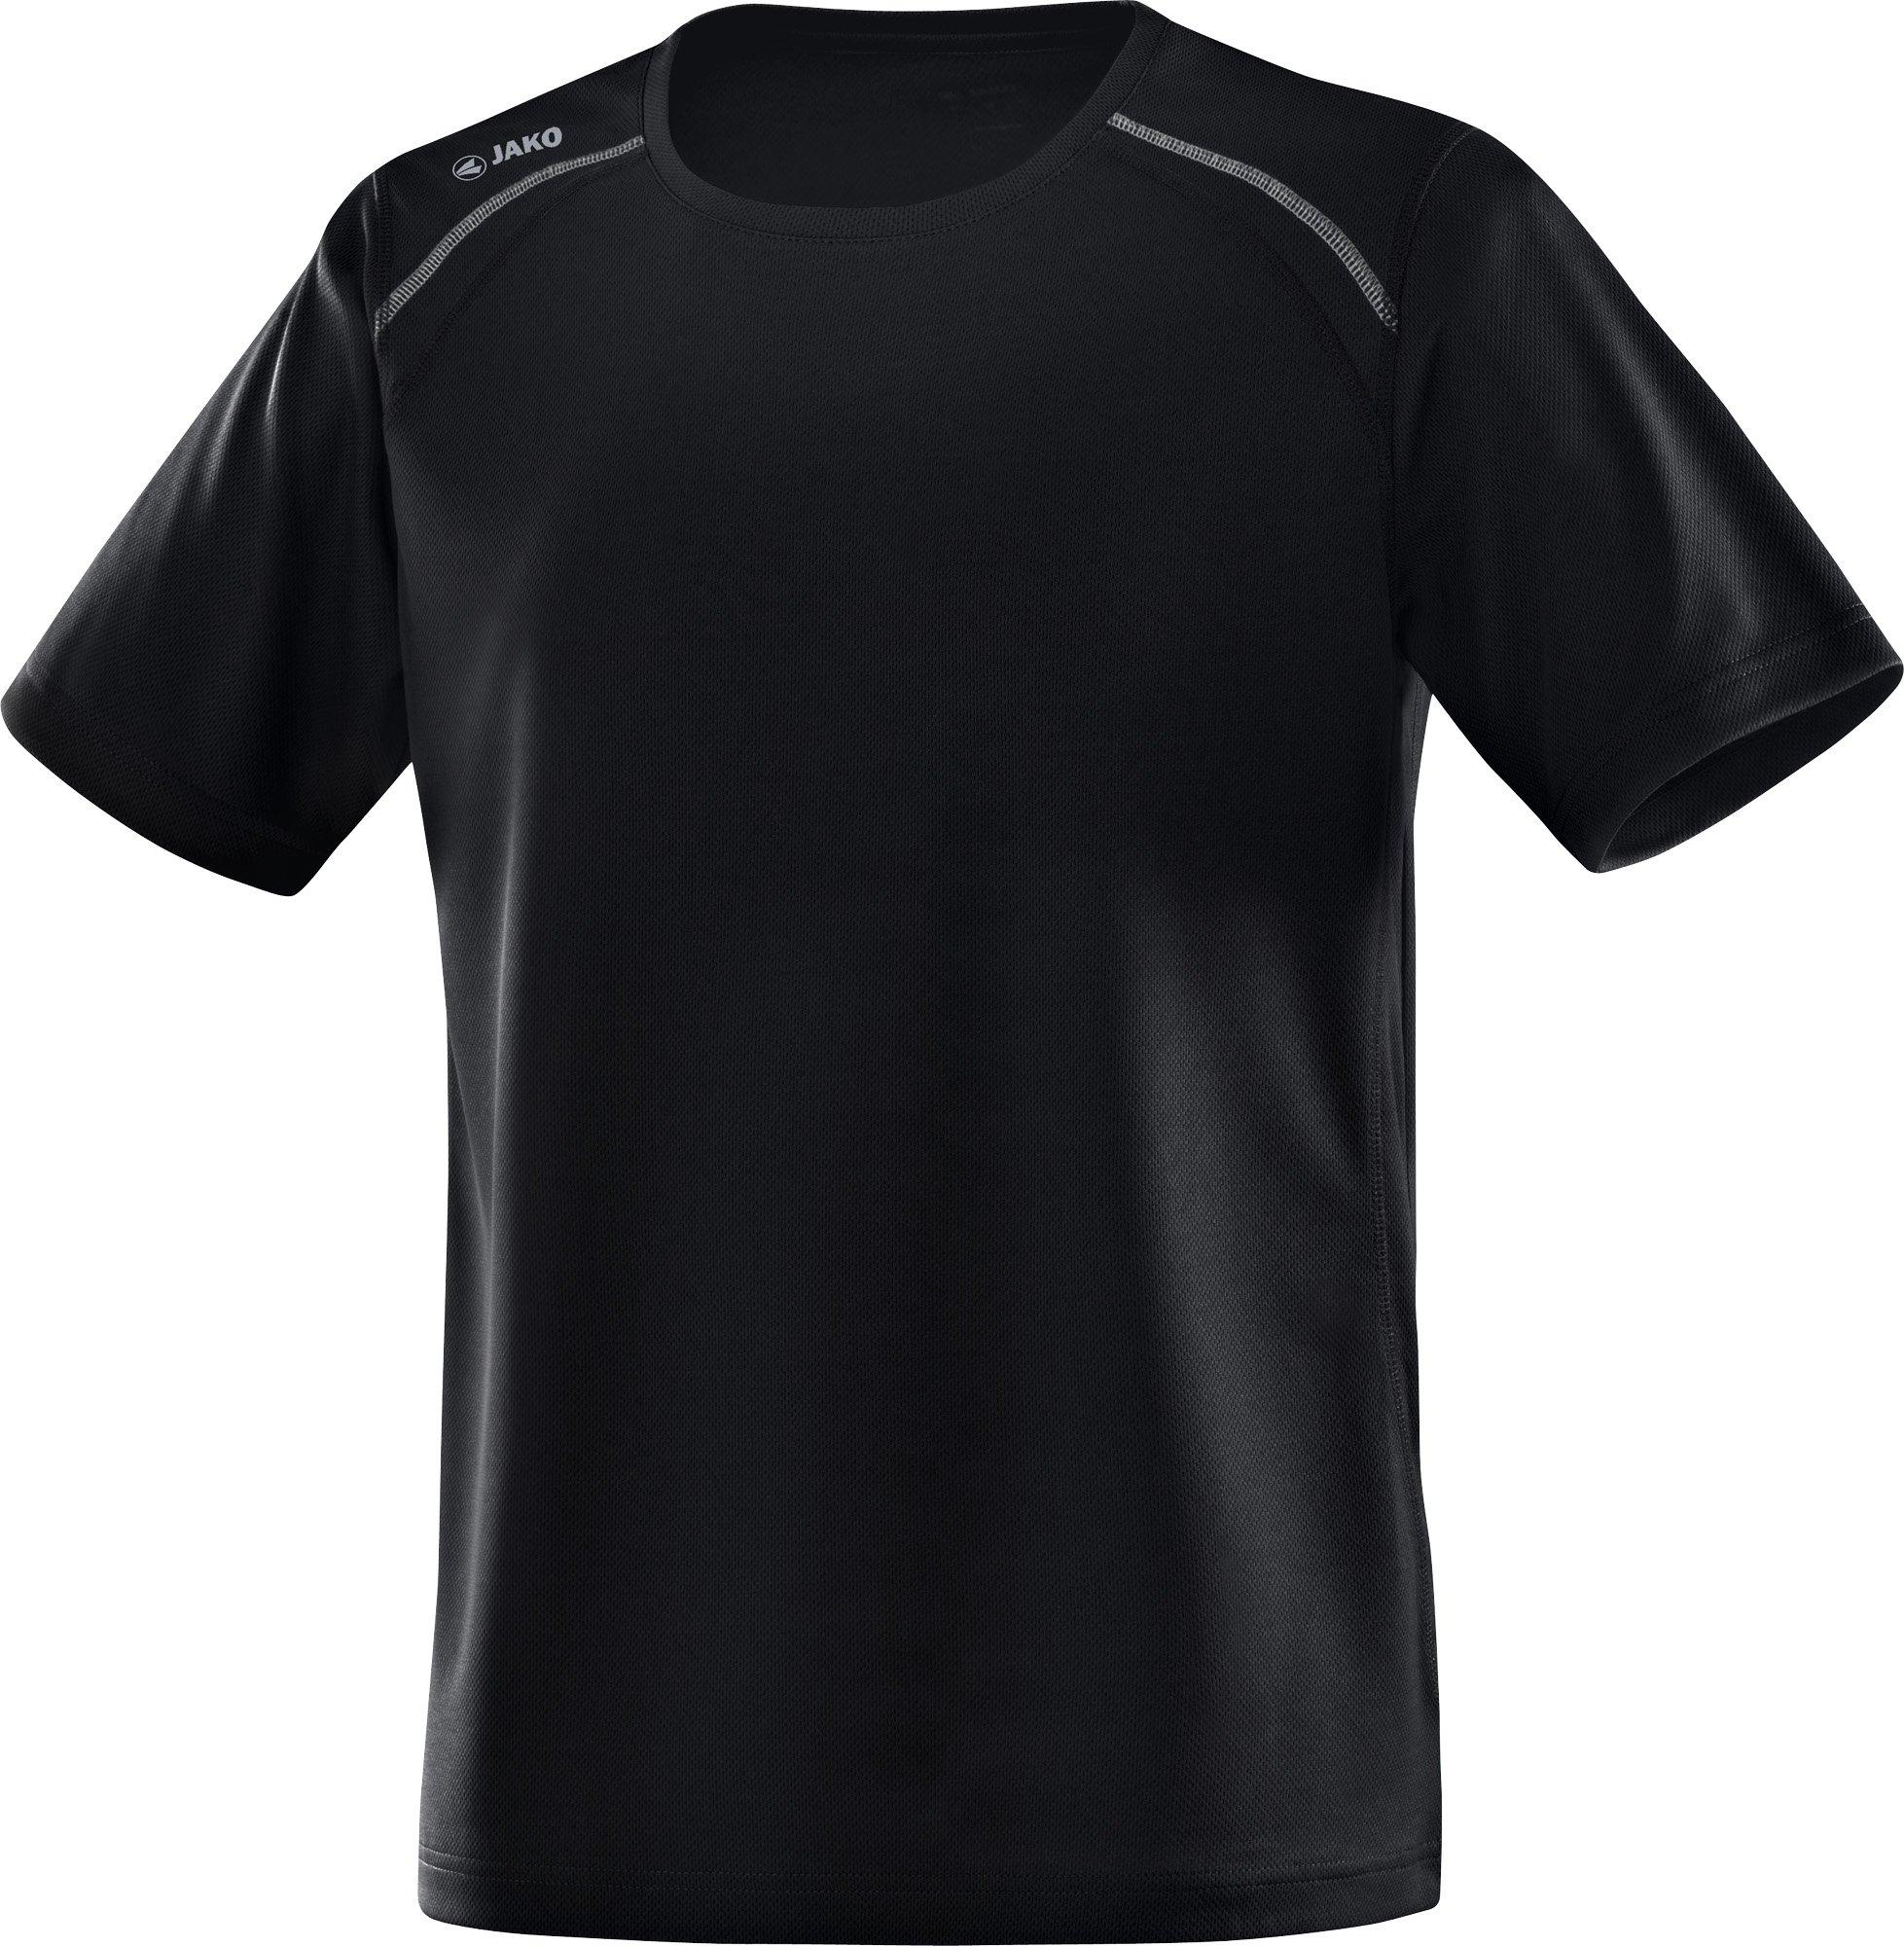 Jako Heren T Voor Run Shop Online shirt uOPiXZk